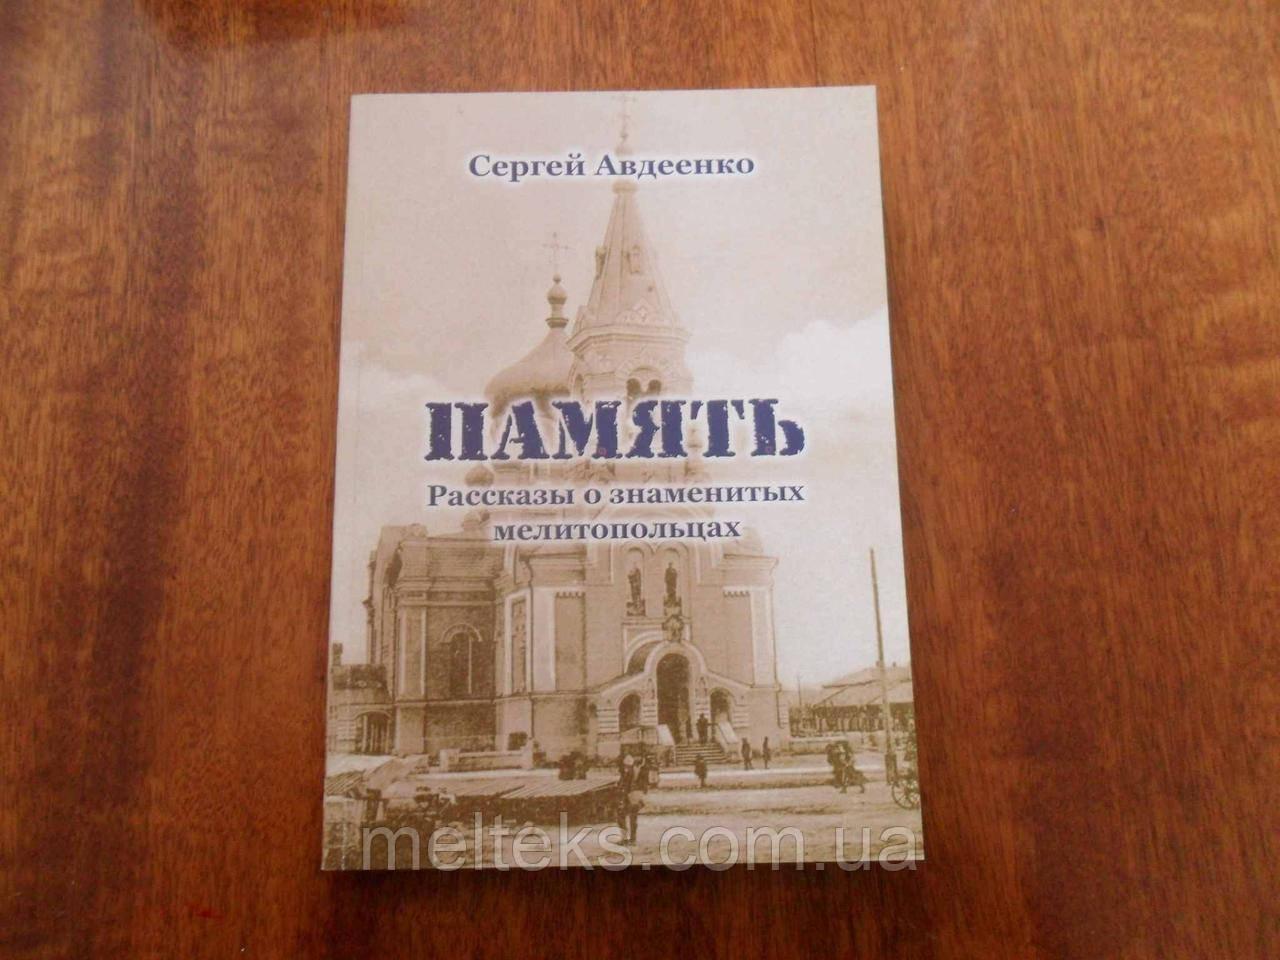 Память. Рассказы о знаменитых мелитопольцах (книга Сергея Авдеенко)